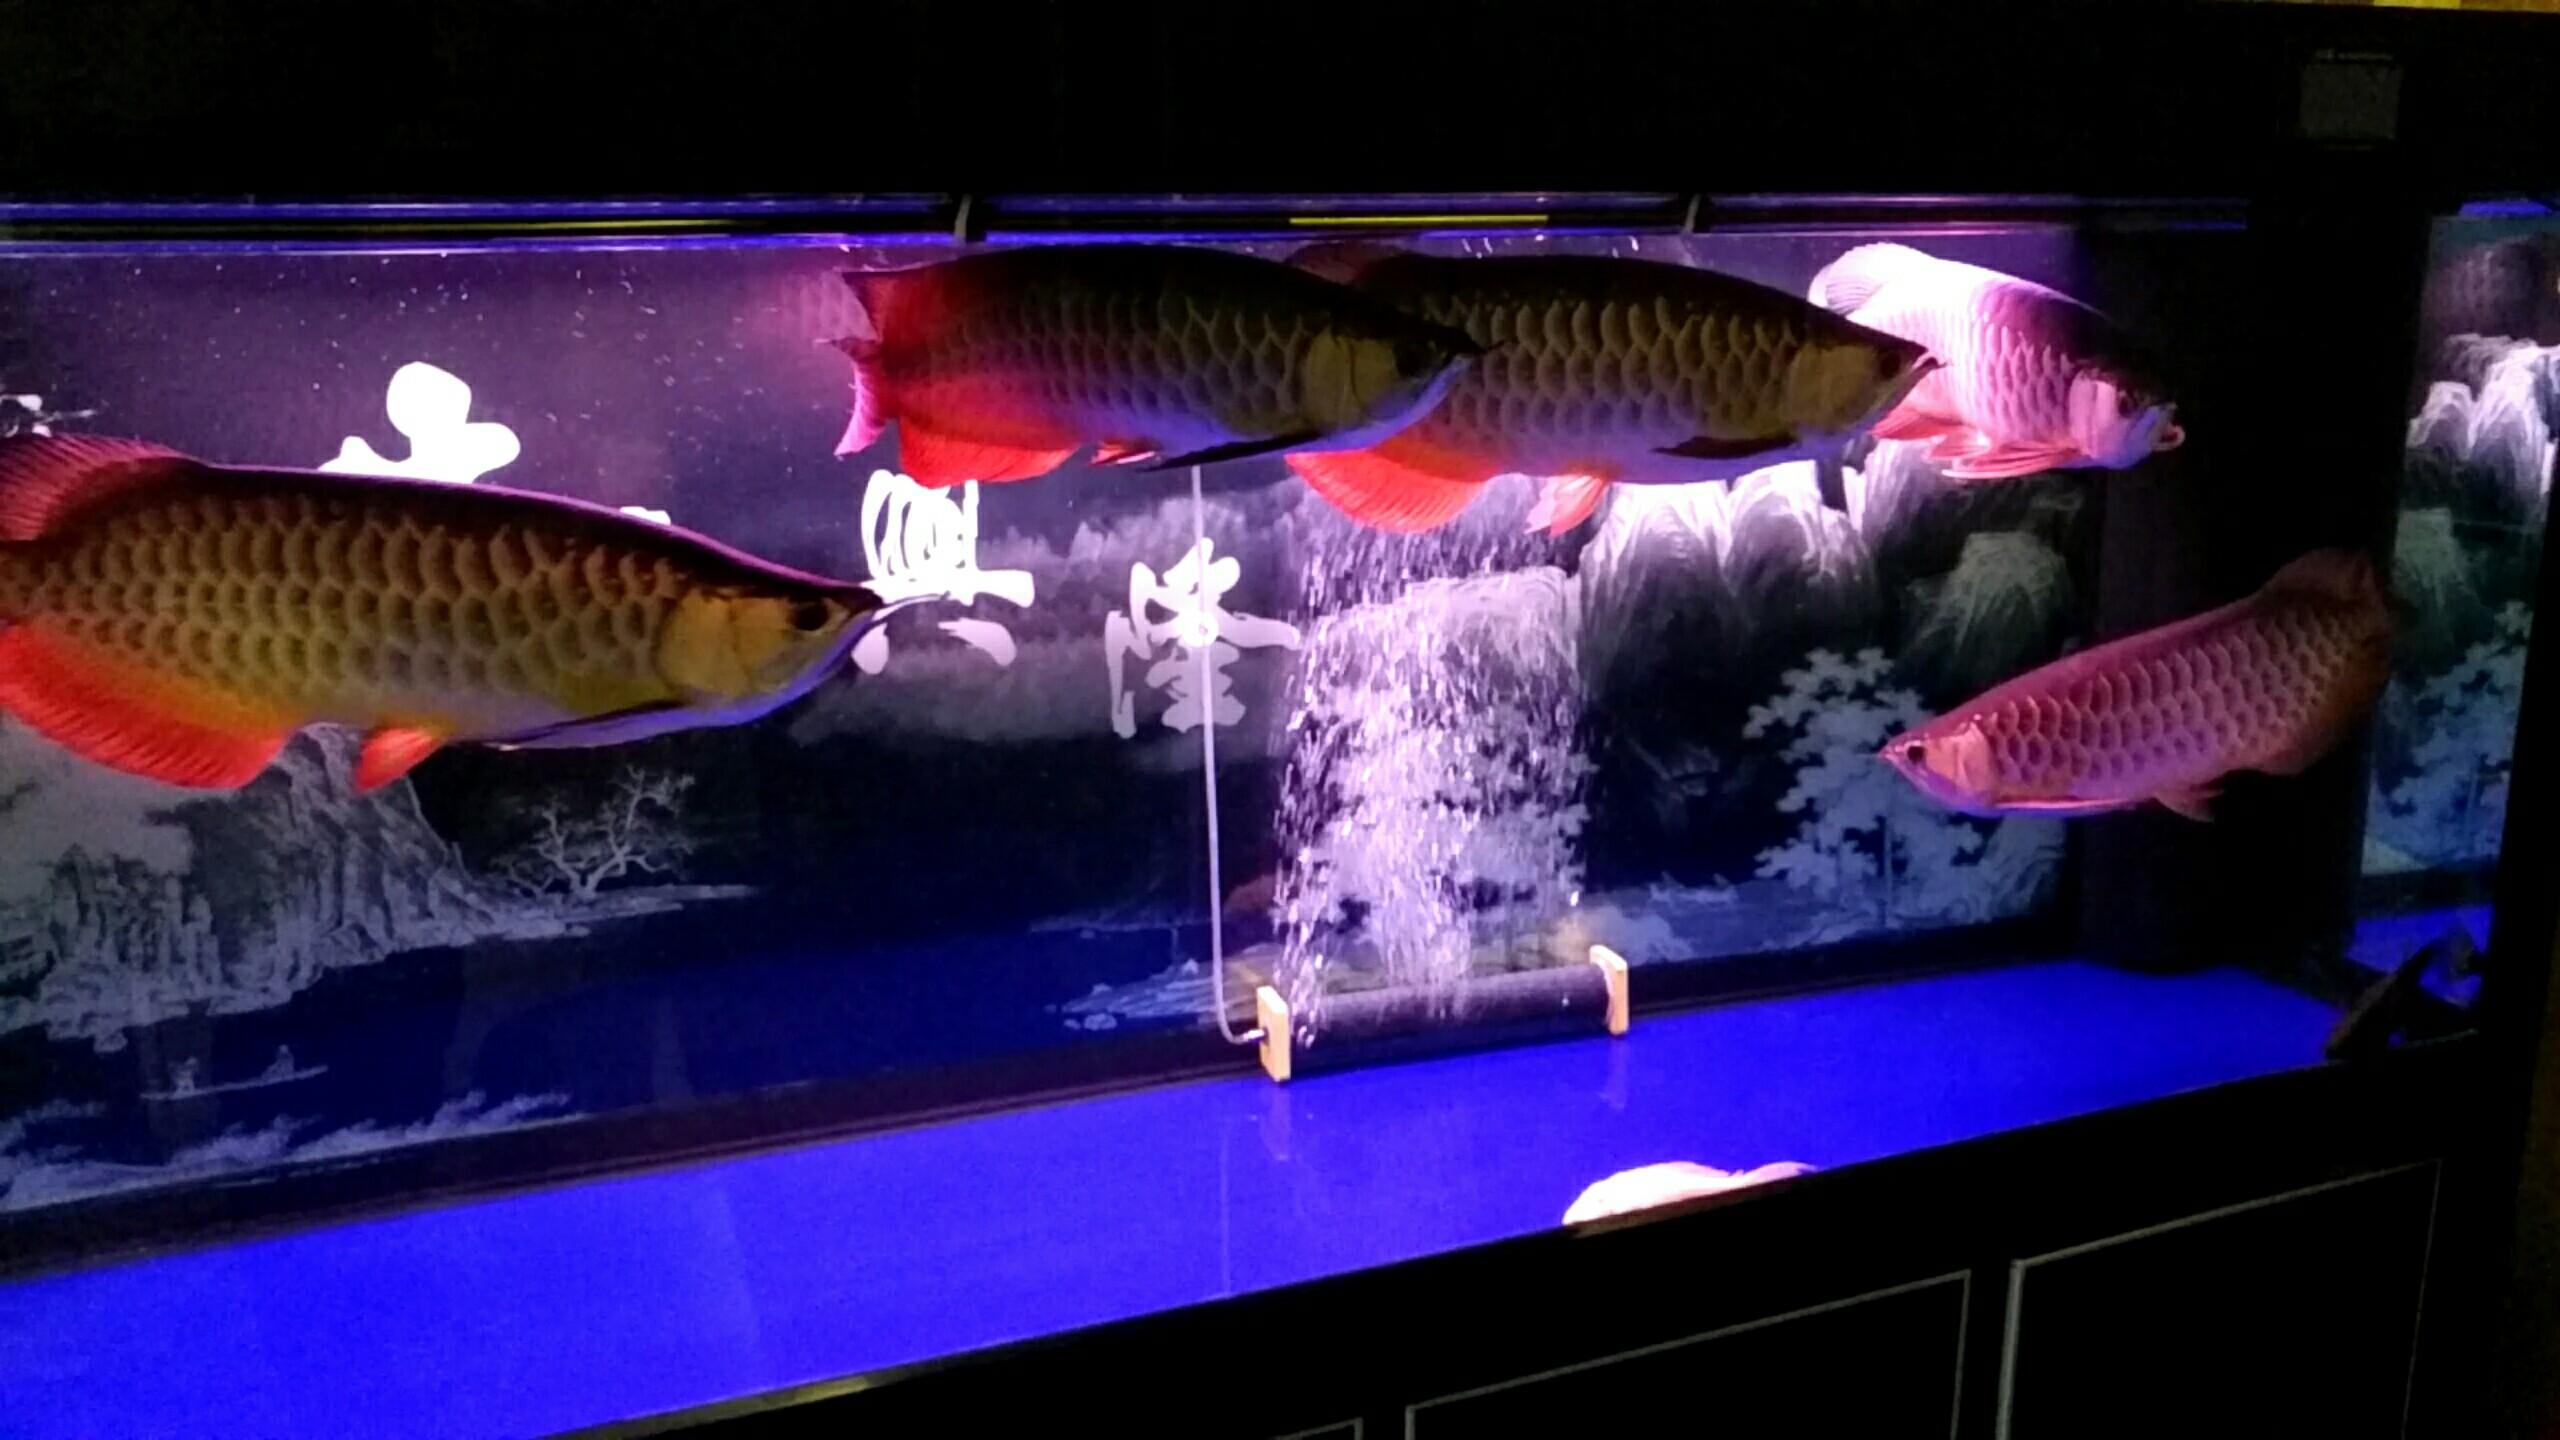 北京观赏水族箱大伙给看看 北京观赏鱼 北京龙鱼第3张